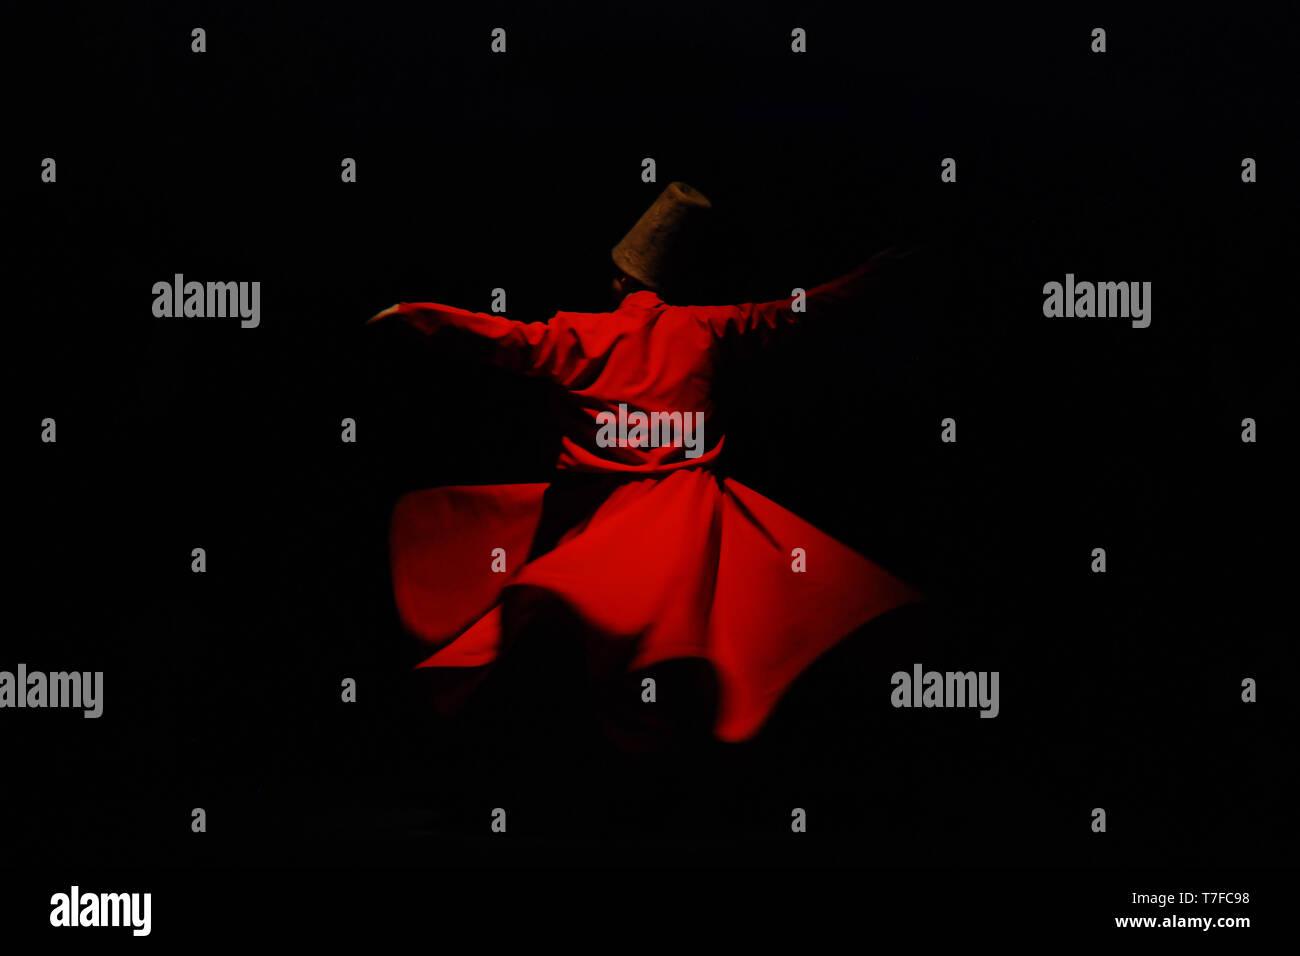 Wirbelnder Derwisch im roten Kleid auf schwarzem Hintergrund Stockfoto